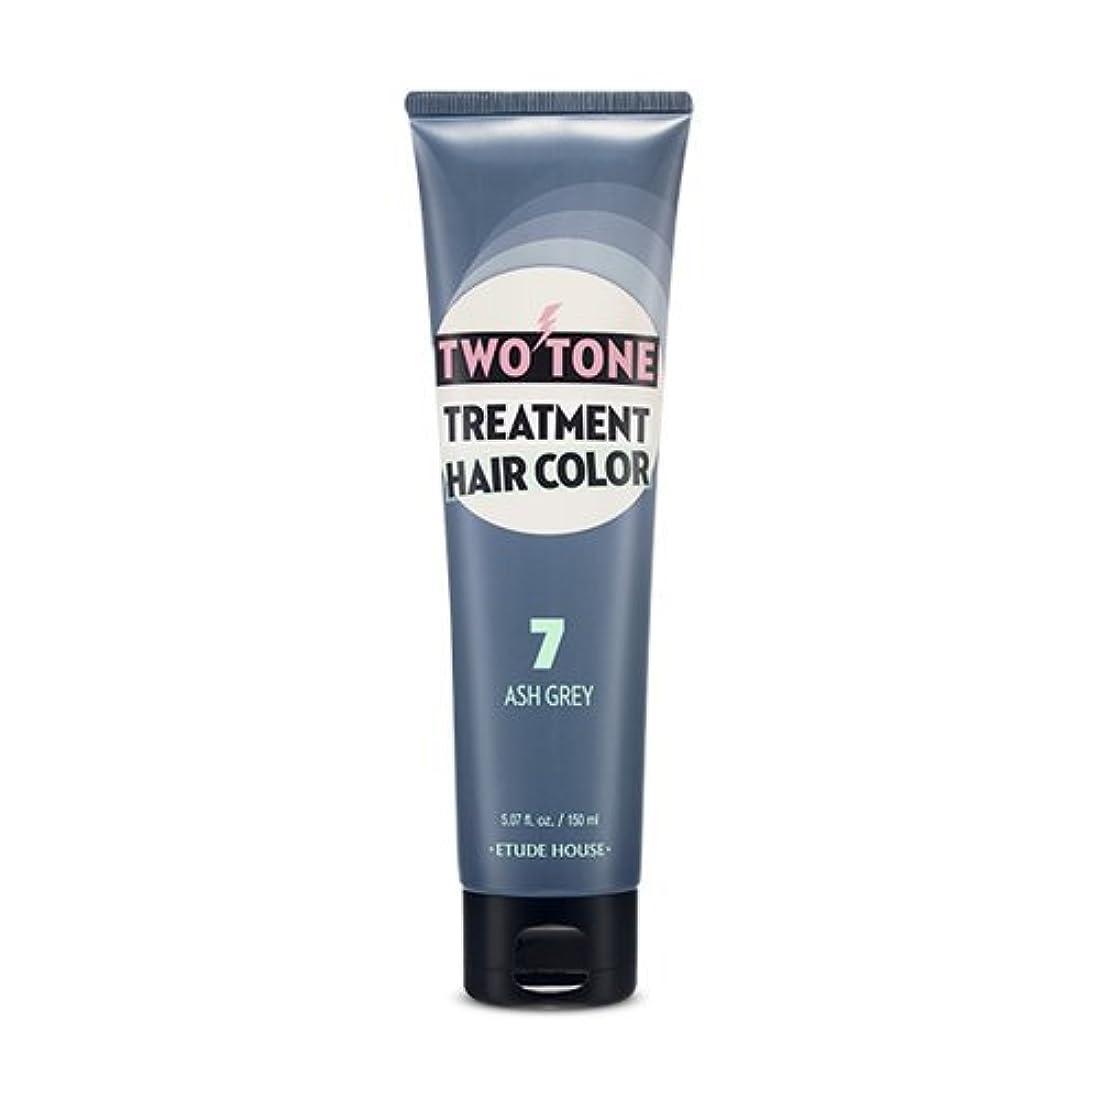 発生器設計図銀ETUDE HOUSE Two Tone Treatment Hair Color 7.ASH GREY/エチュードハウス ツートントリートメントヘアカラー150ml [並行輸入品]